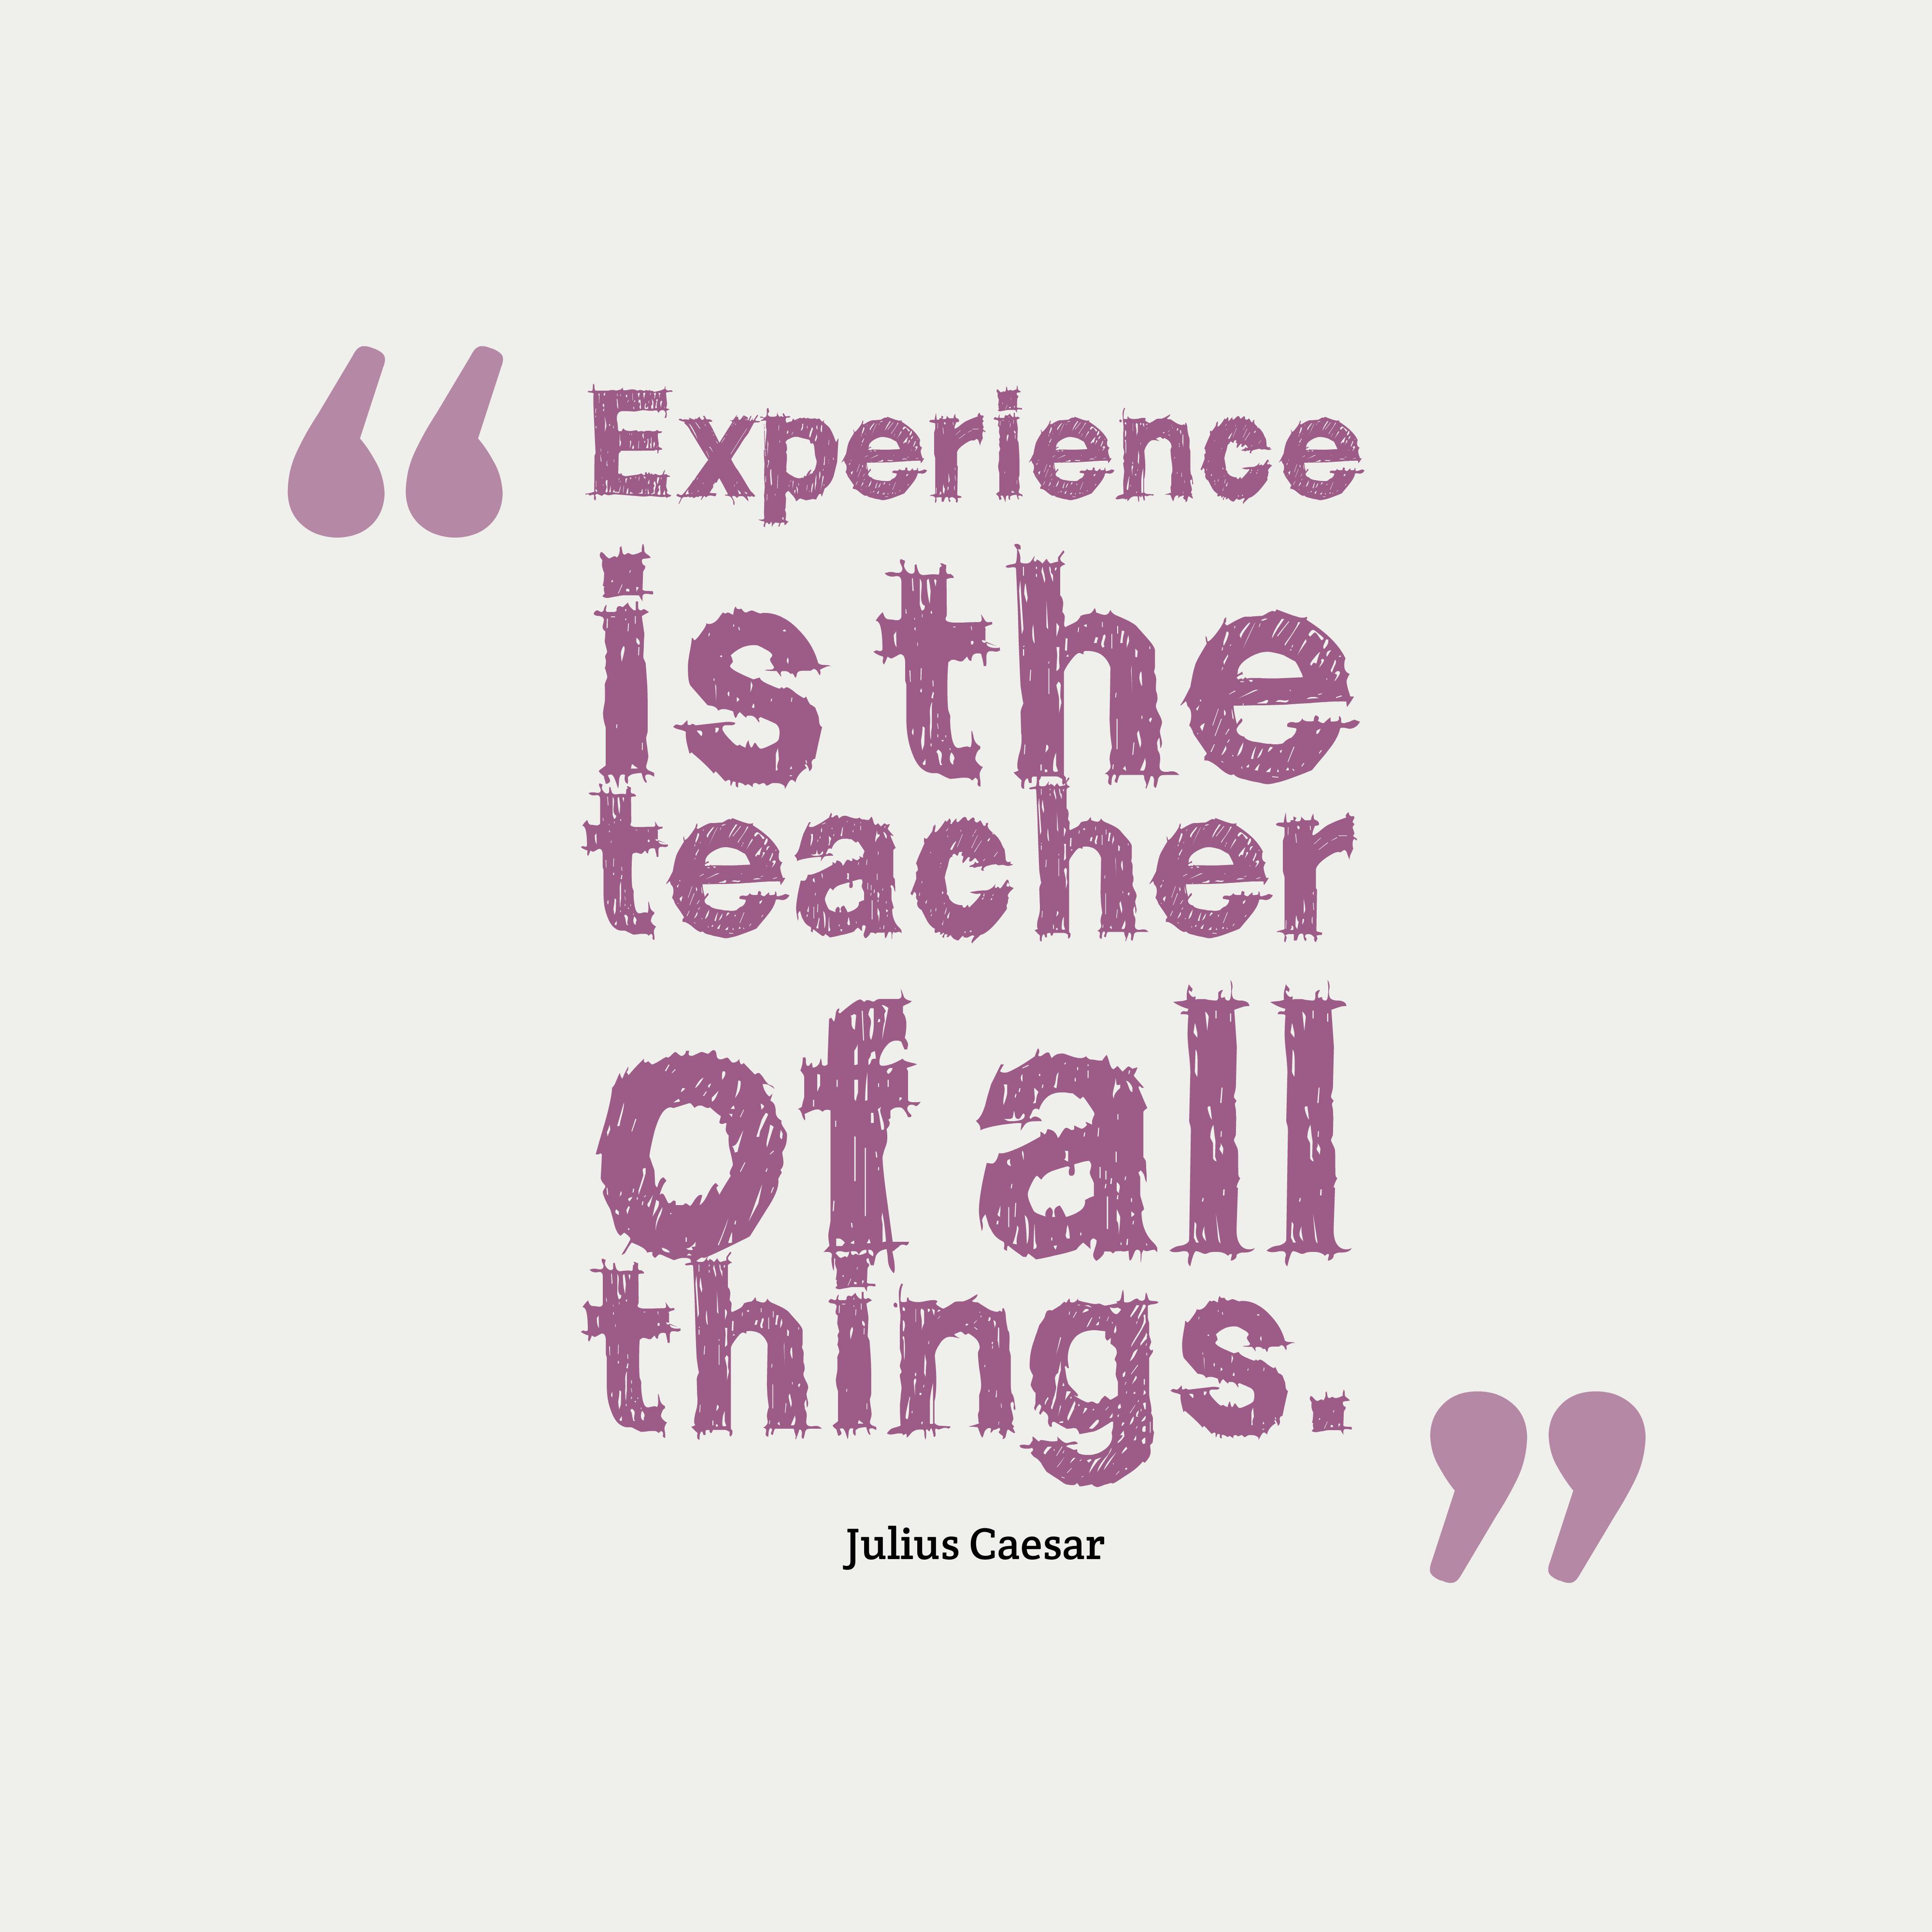 Trải nghiệm là thầy cho tất cả mọi thứ - Ảnh (c) internet